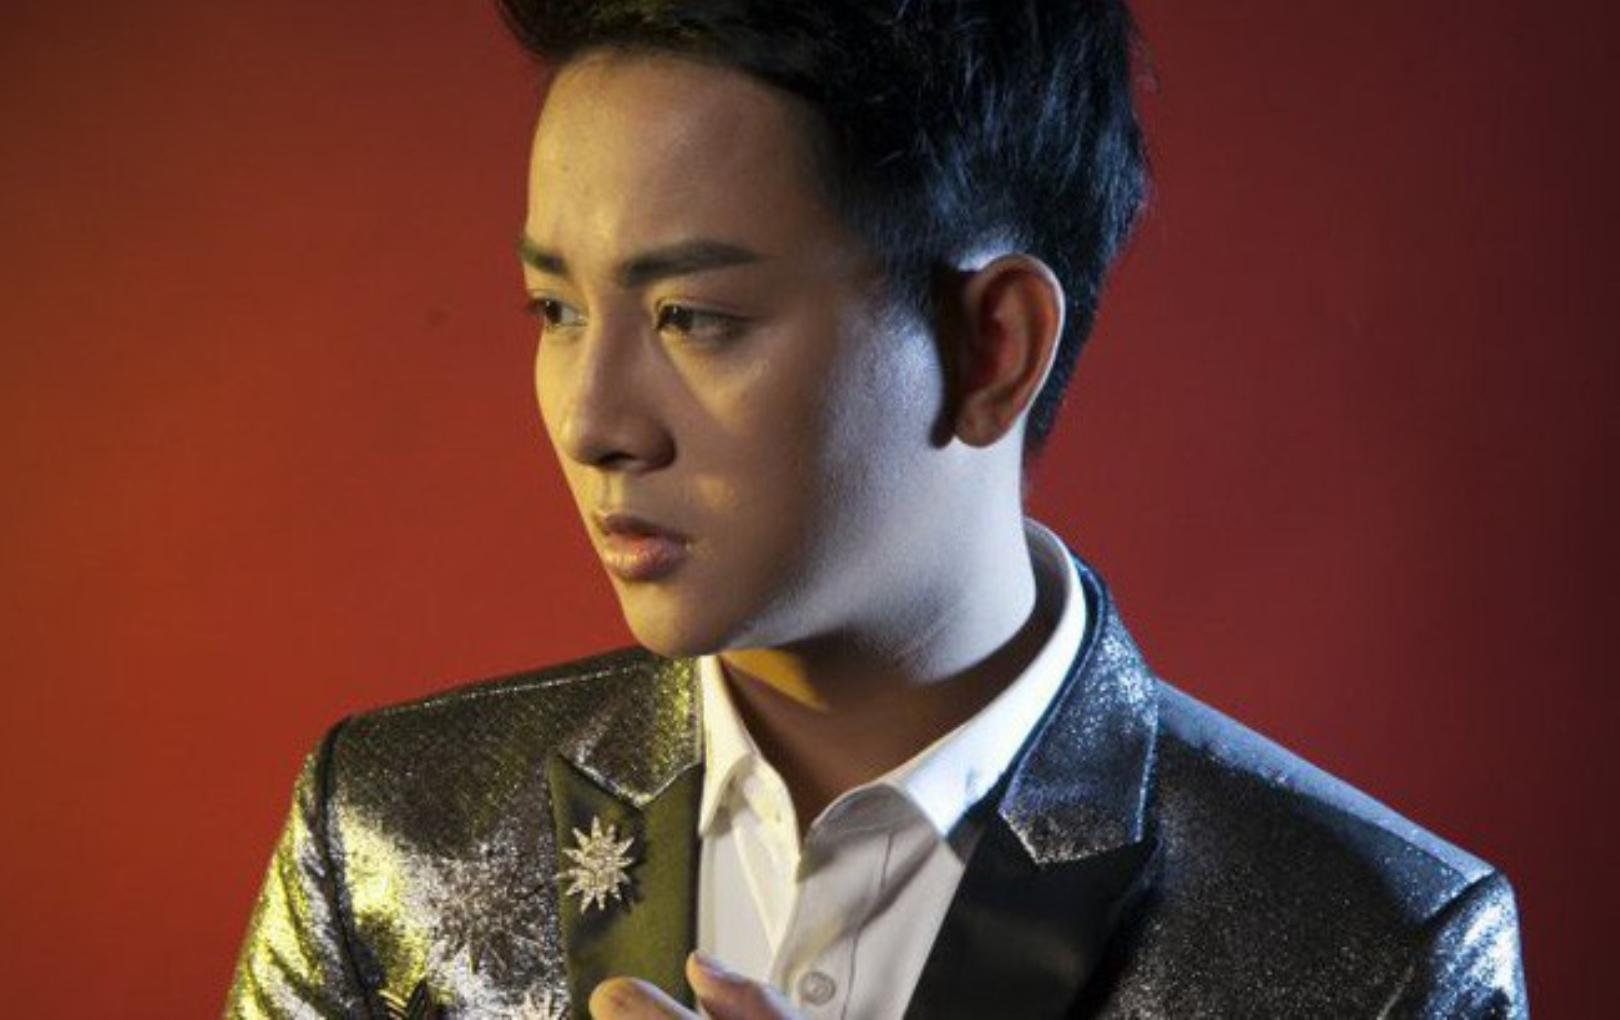 Hoài Lâm nhập viện ở TP.HCM, quản lý tiết lộ tình trạng hiện tại của nam ca sĩ